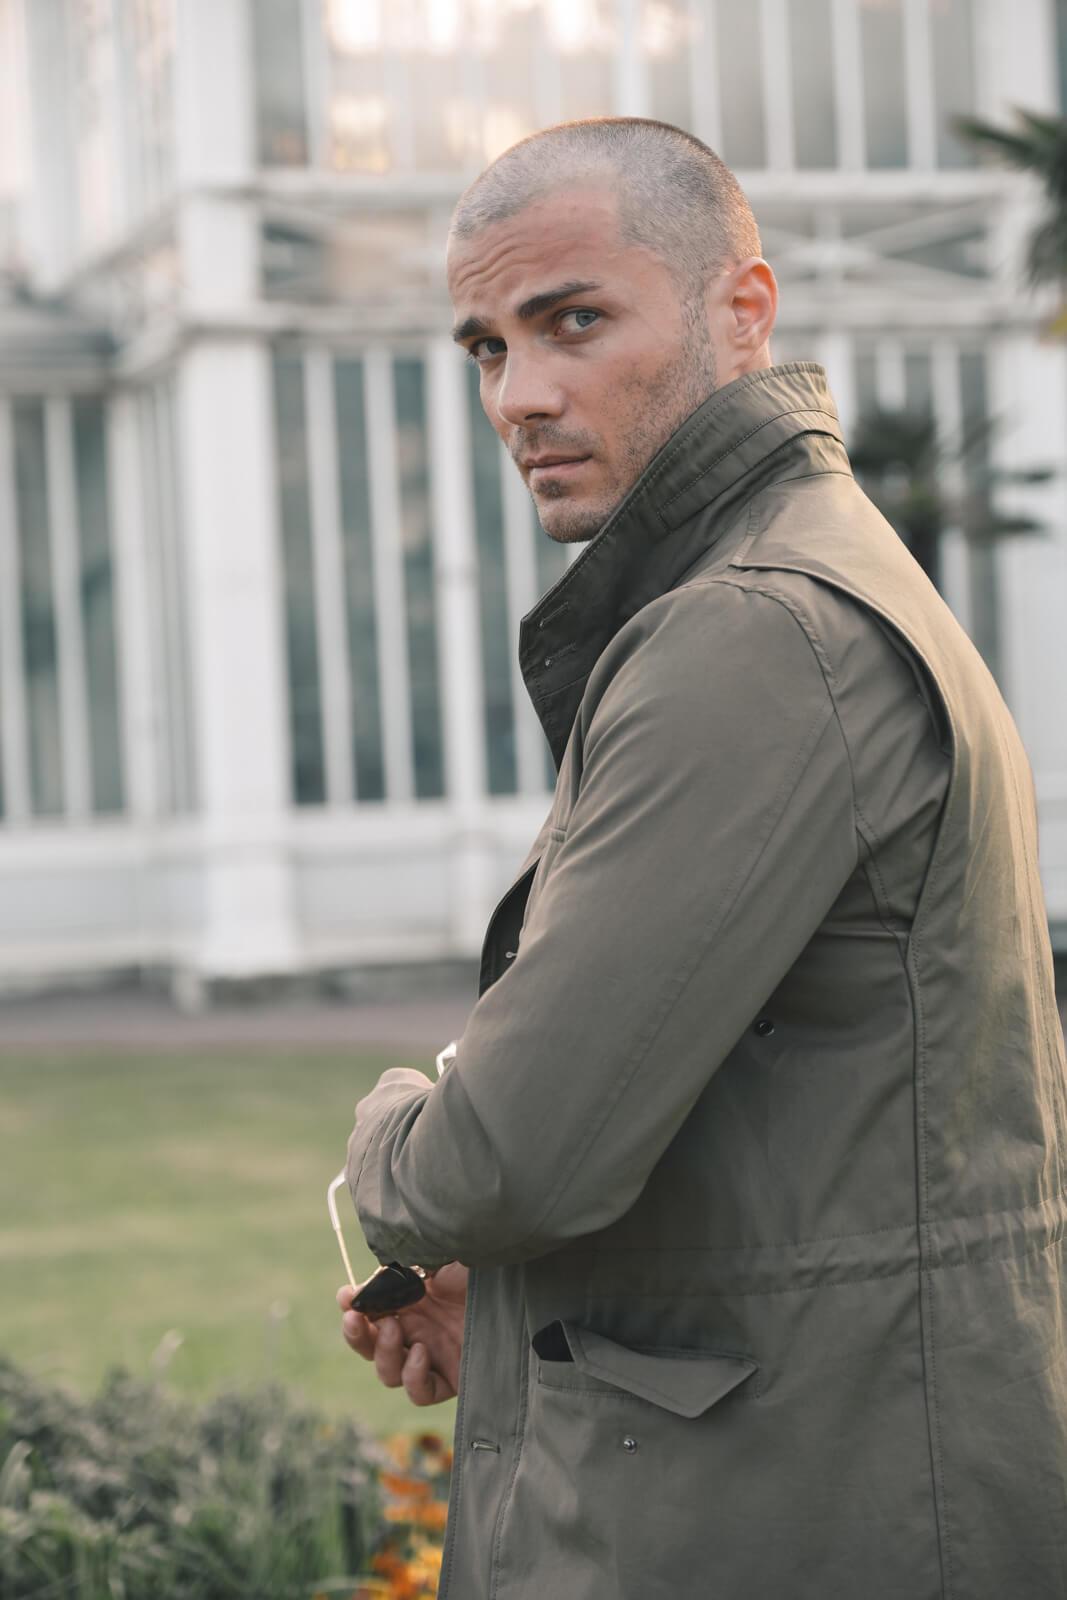 kurtka polowa field jacket m-65